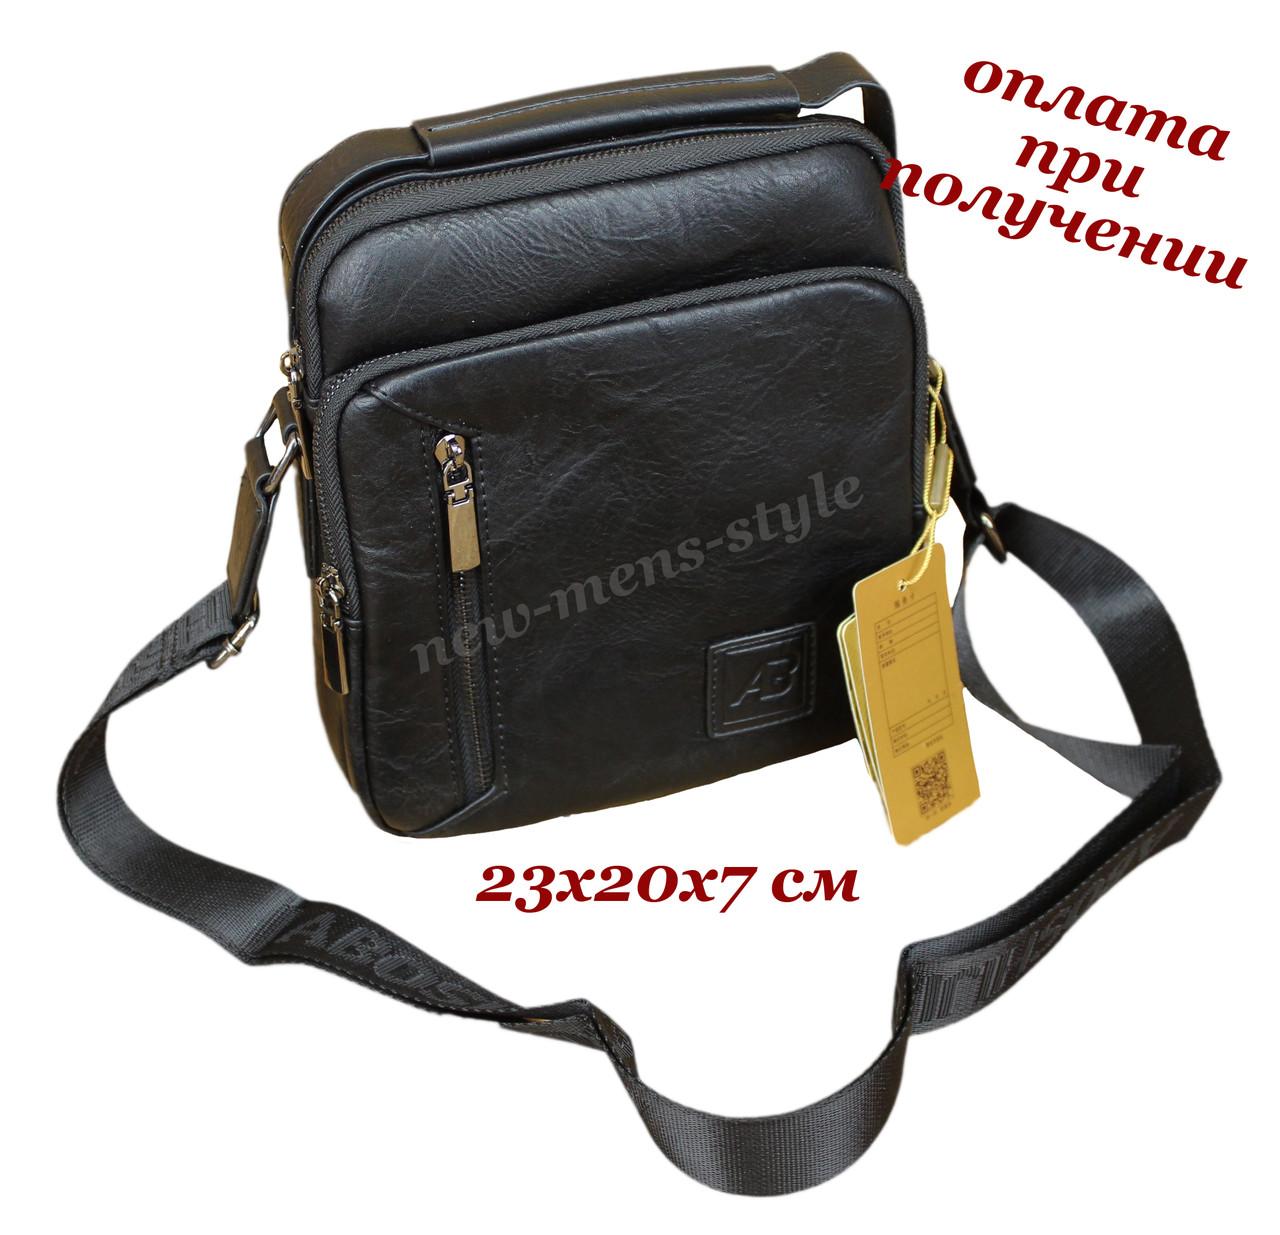 Мужская чоловіча кожаная сумка барсетка через плечо с ручкой ABOSH (2)